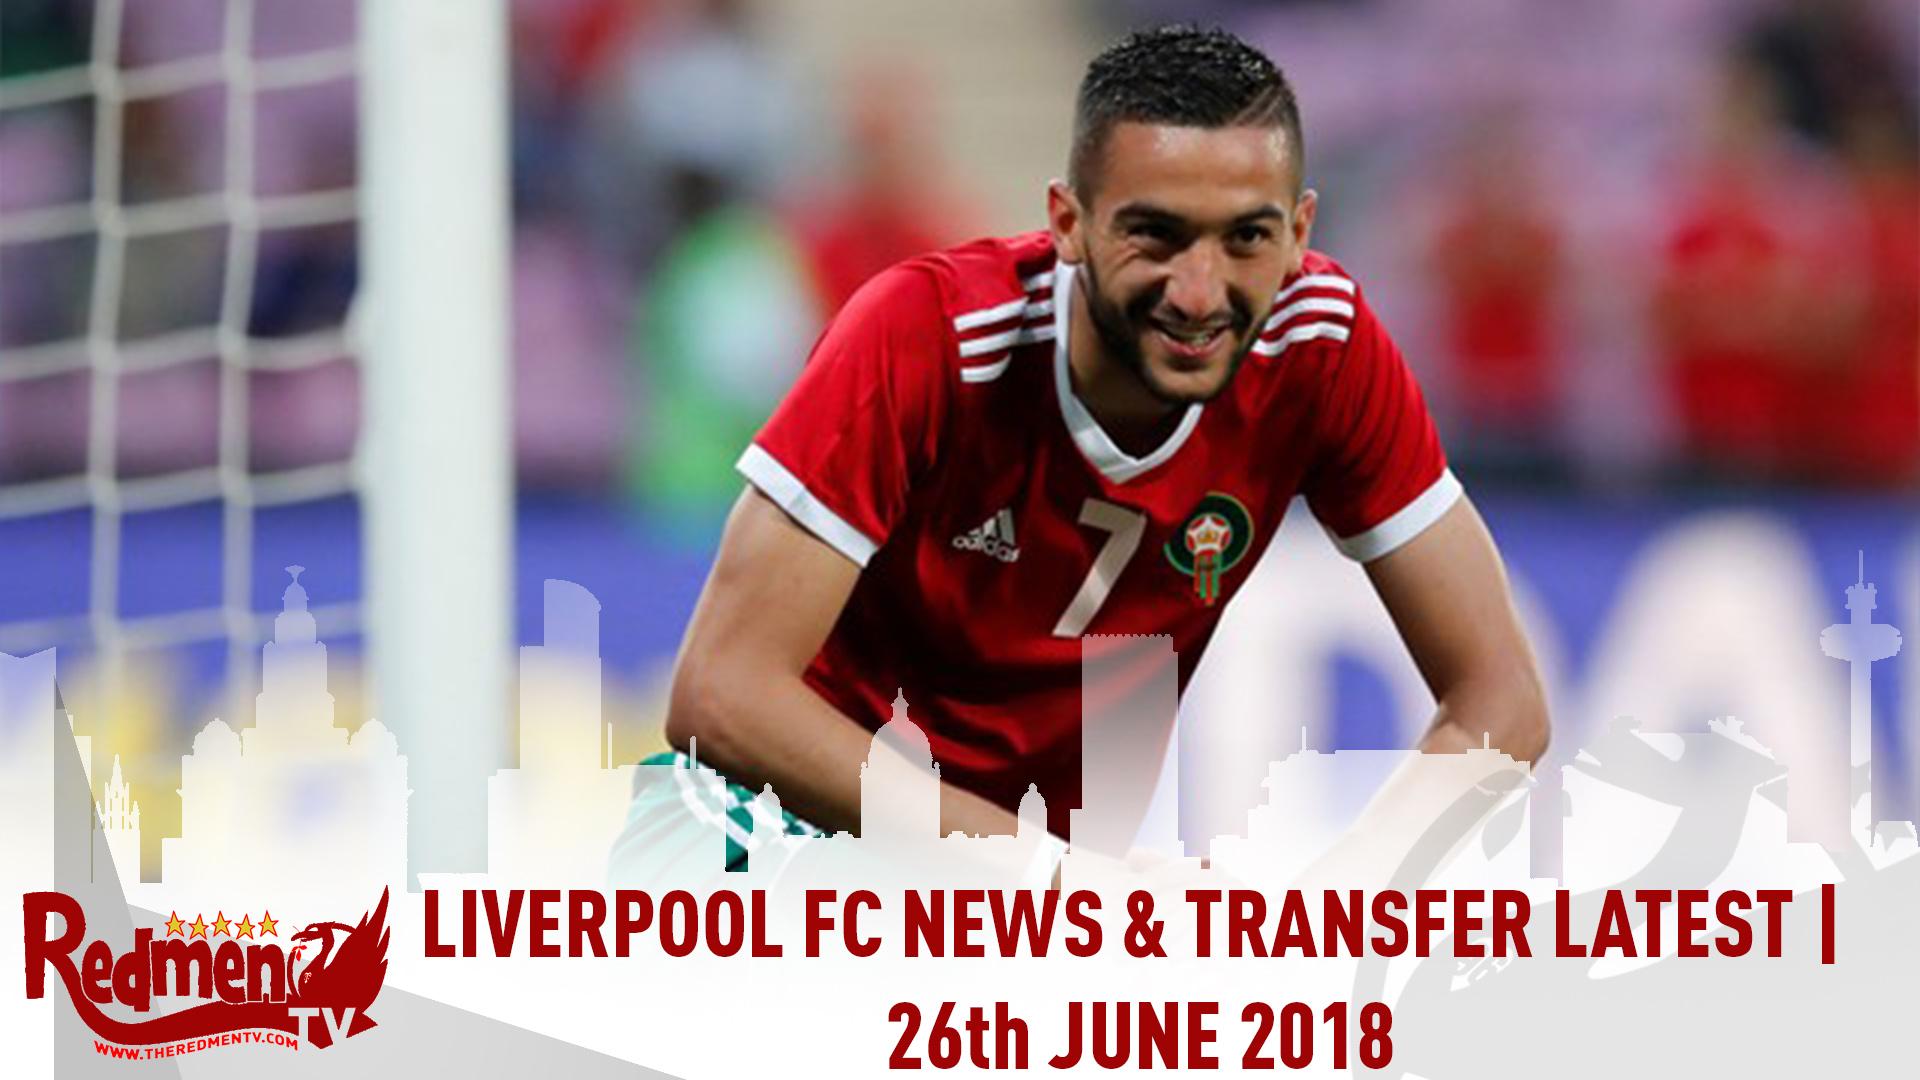 Lfc News